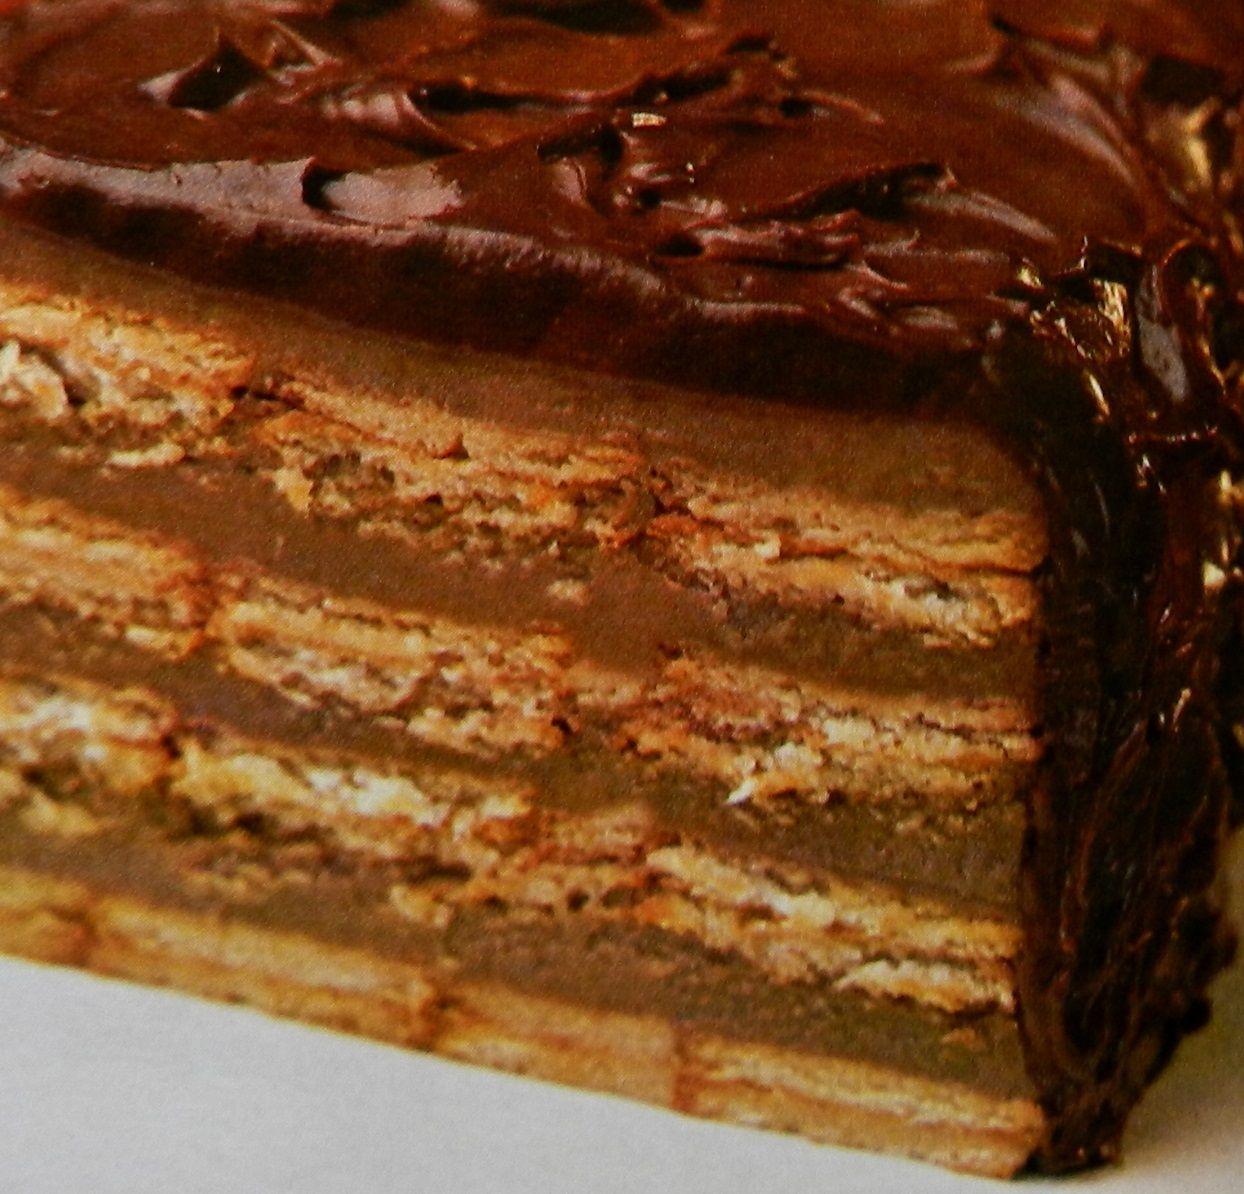 Receita de Pavê de chocolate com café especial. Enviada por michelle e demora apenas 40 minutos.